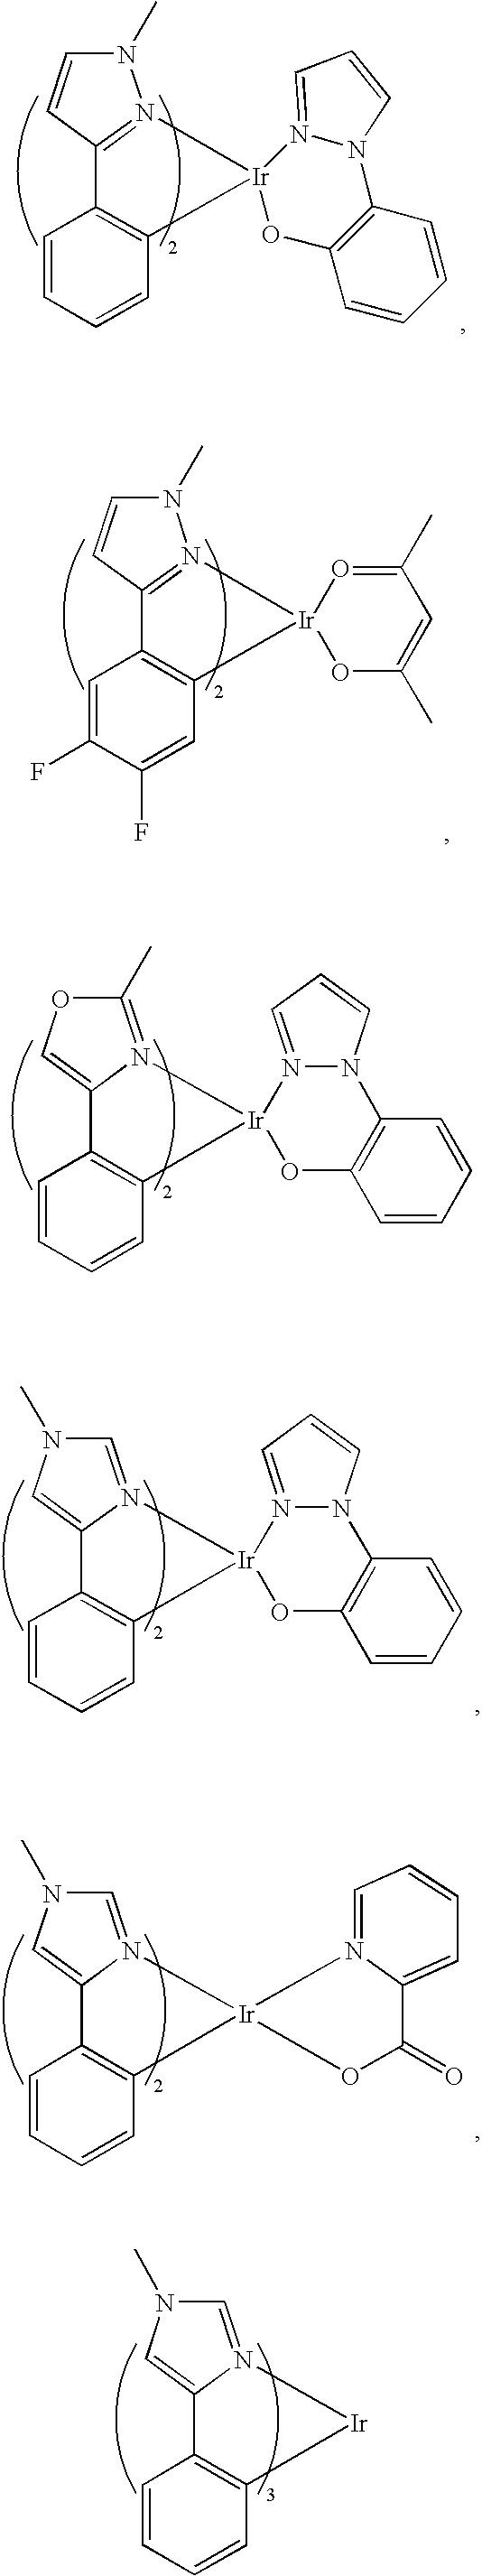 Figure US20050031903A1-20050210-C00071